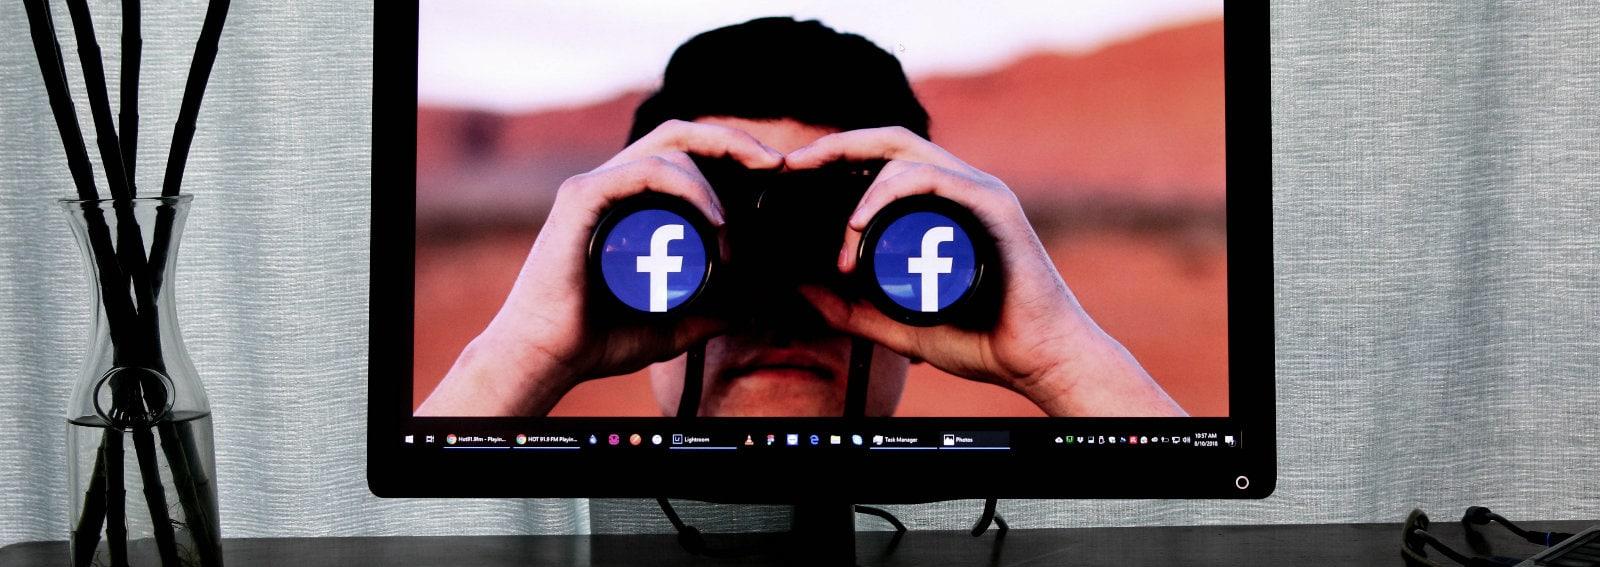 Facebook lançon Fashion +++, inteligjencën artificiale që jep këshilla për modën